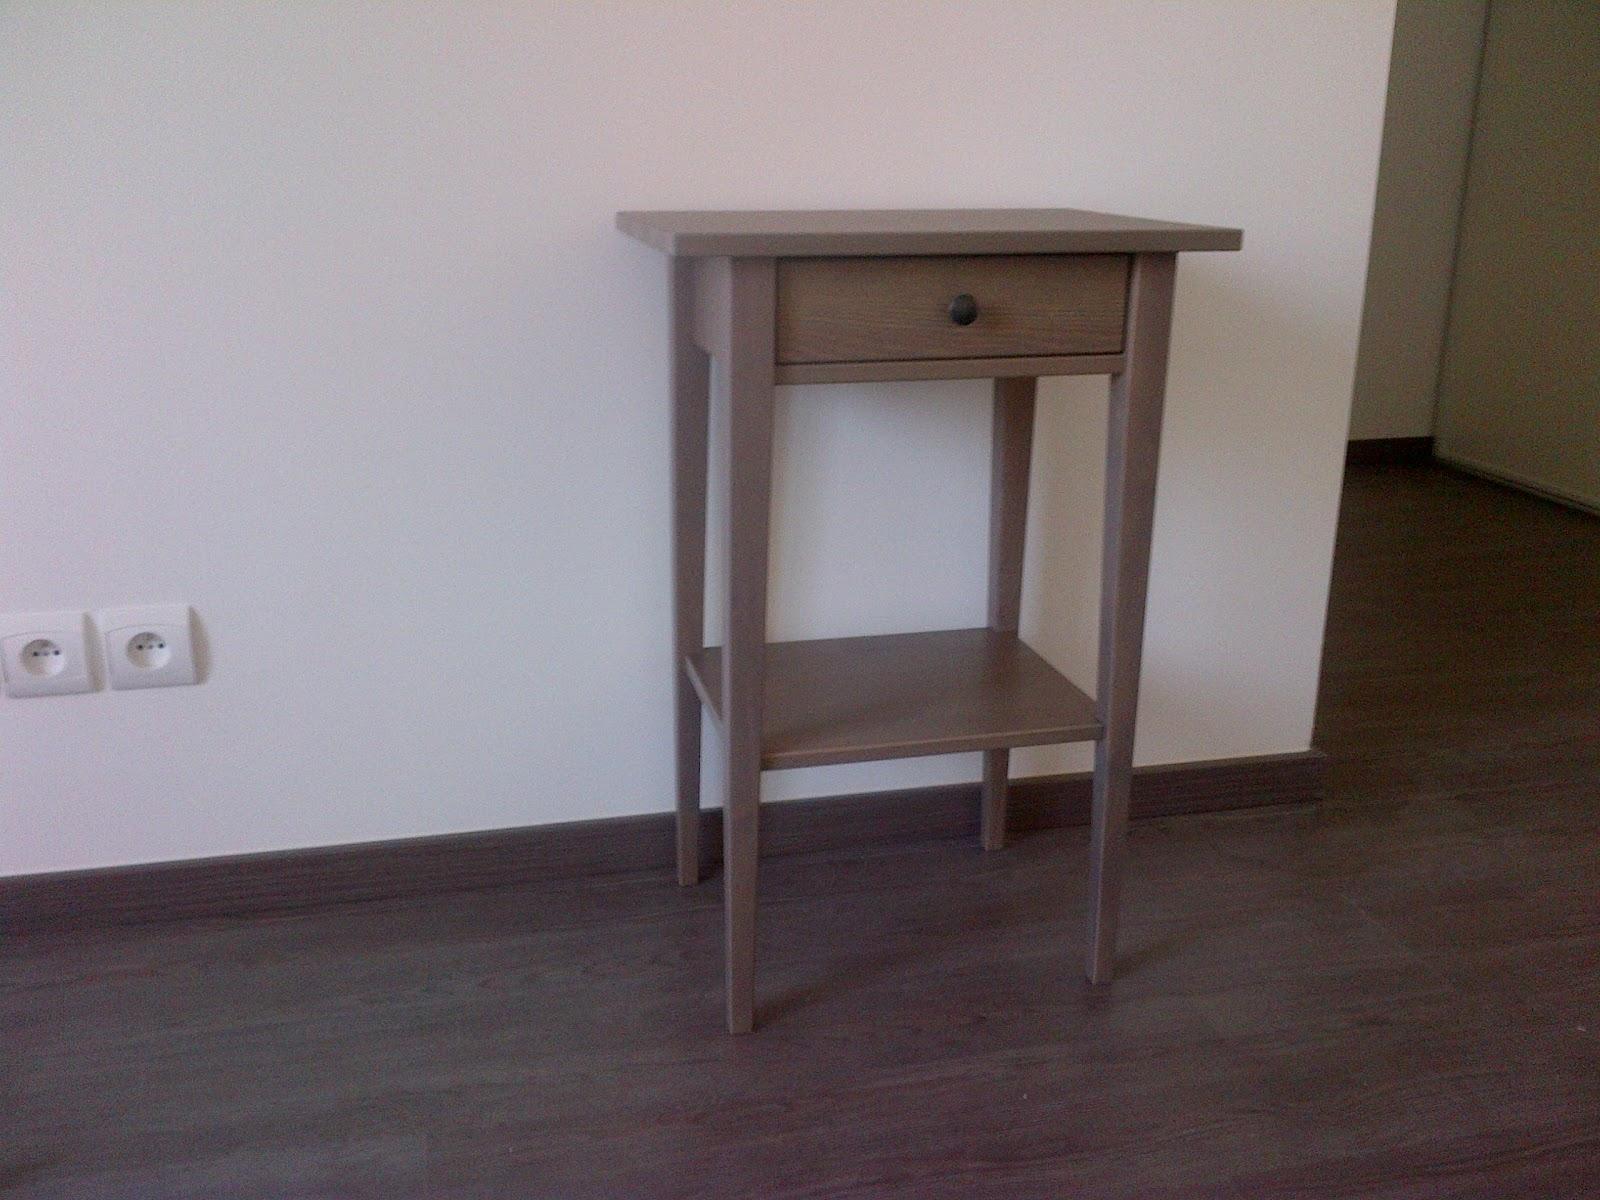 annonces montage de meuble montpellier agglom ration france montage de meuble by louis leblond. Black Bedroom Furniture Sets. Home Design Ideas